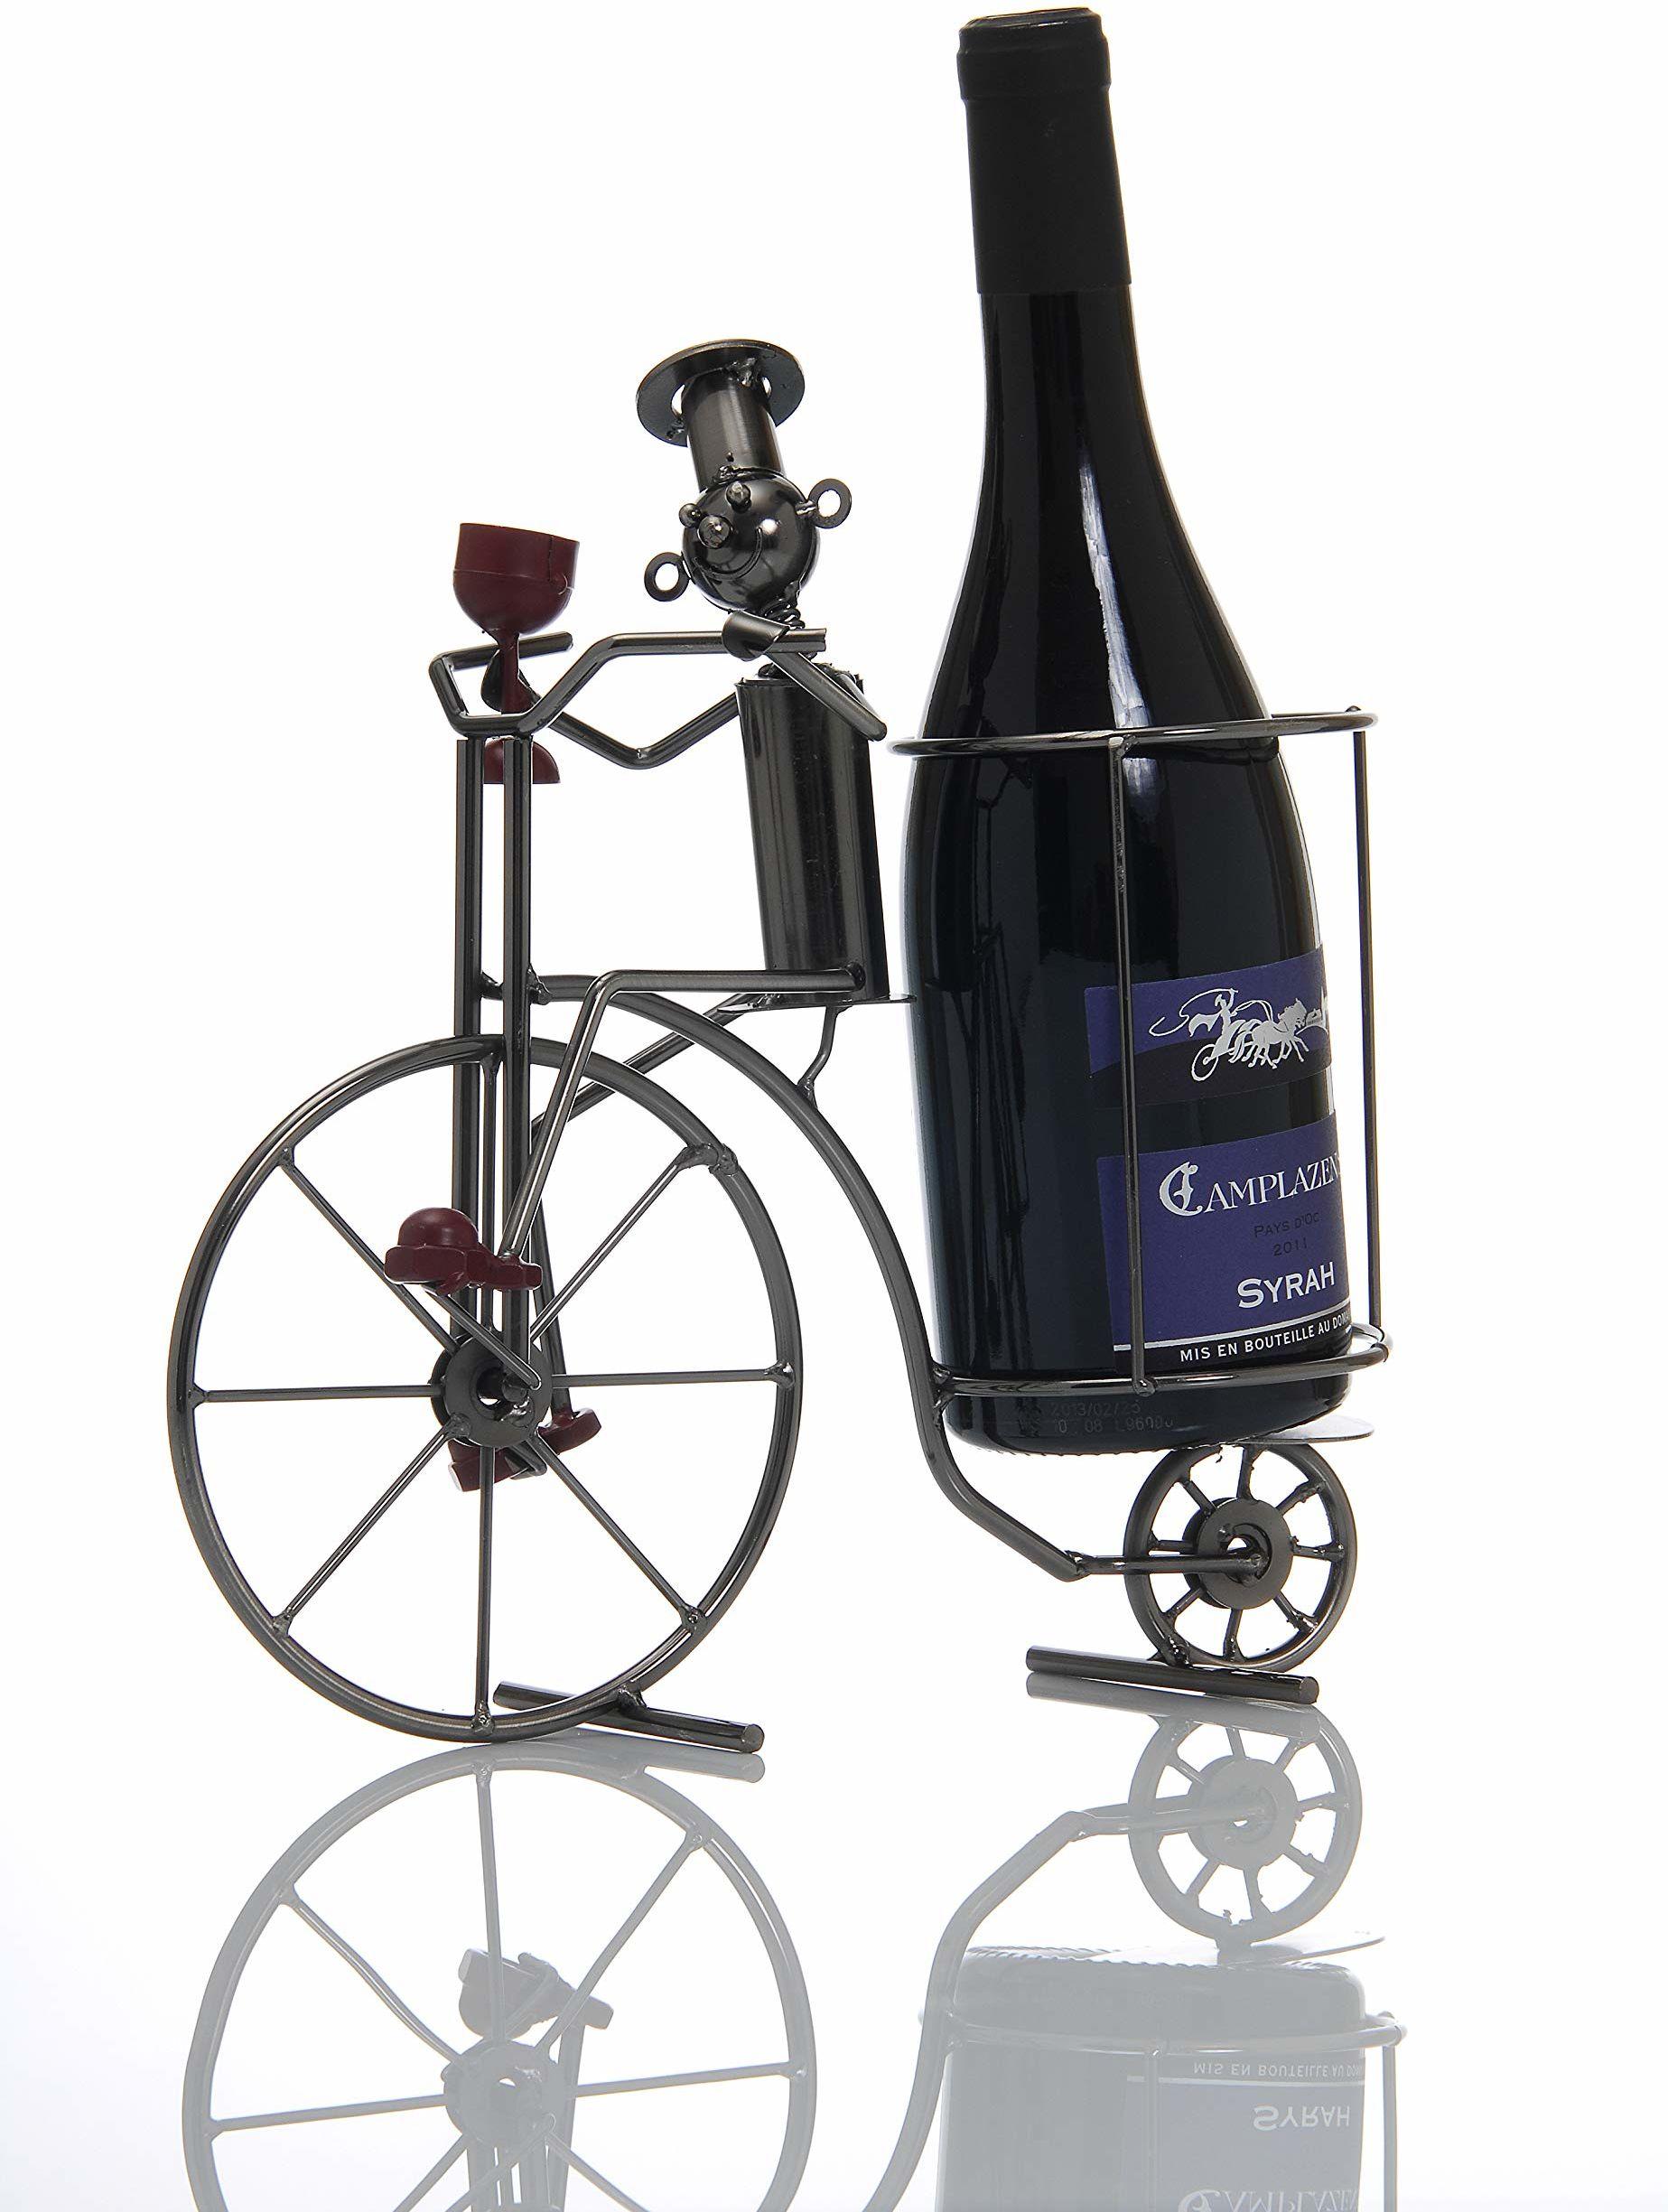 ludi-vin 1499 stojak na butelki Kucharz na rowerze metalowy, 29 x 11 x 13 cm